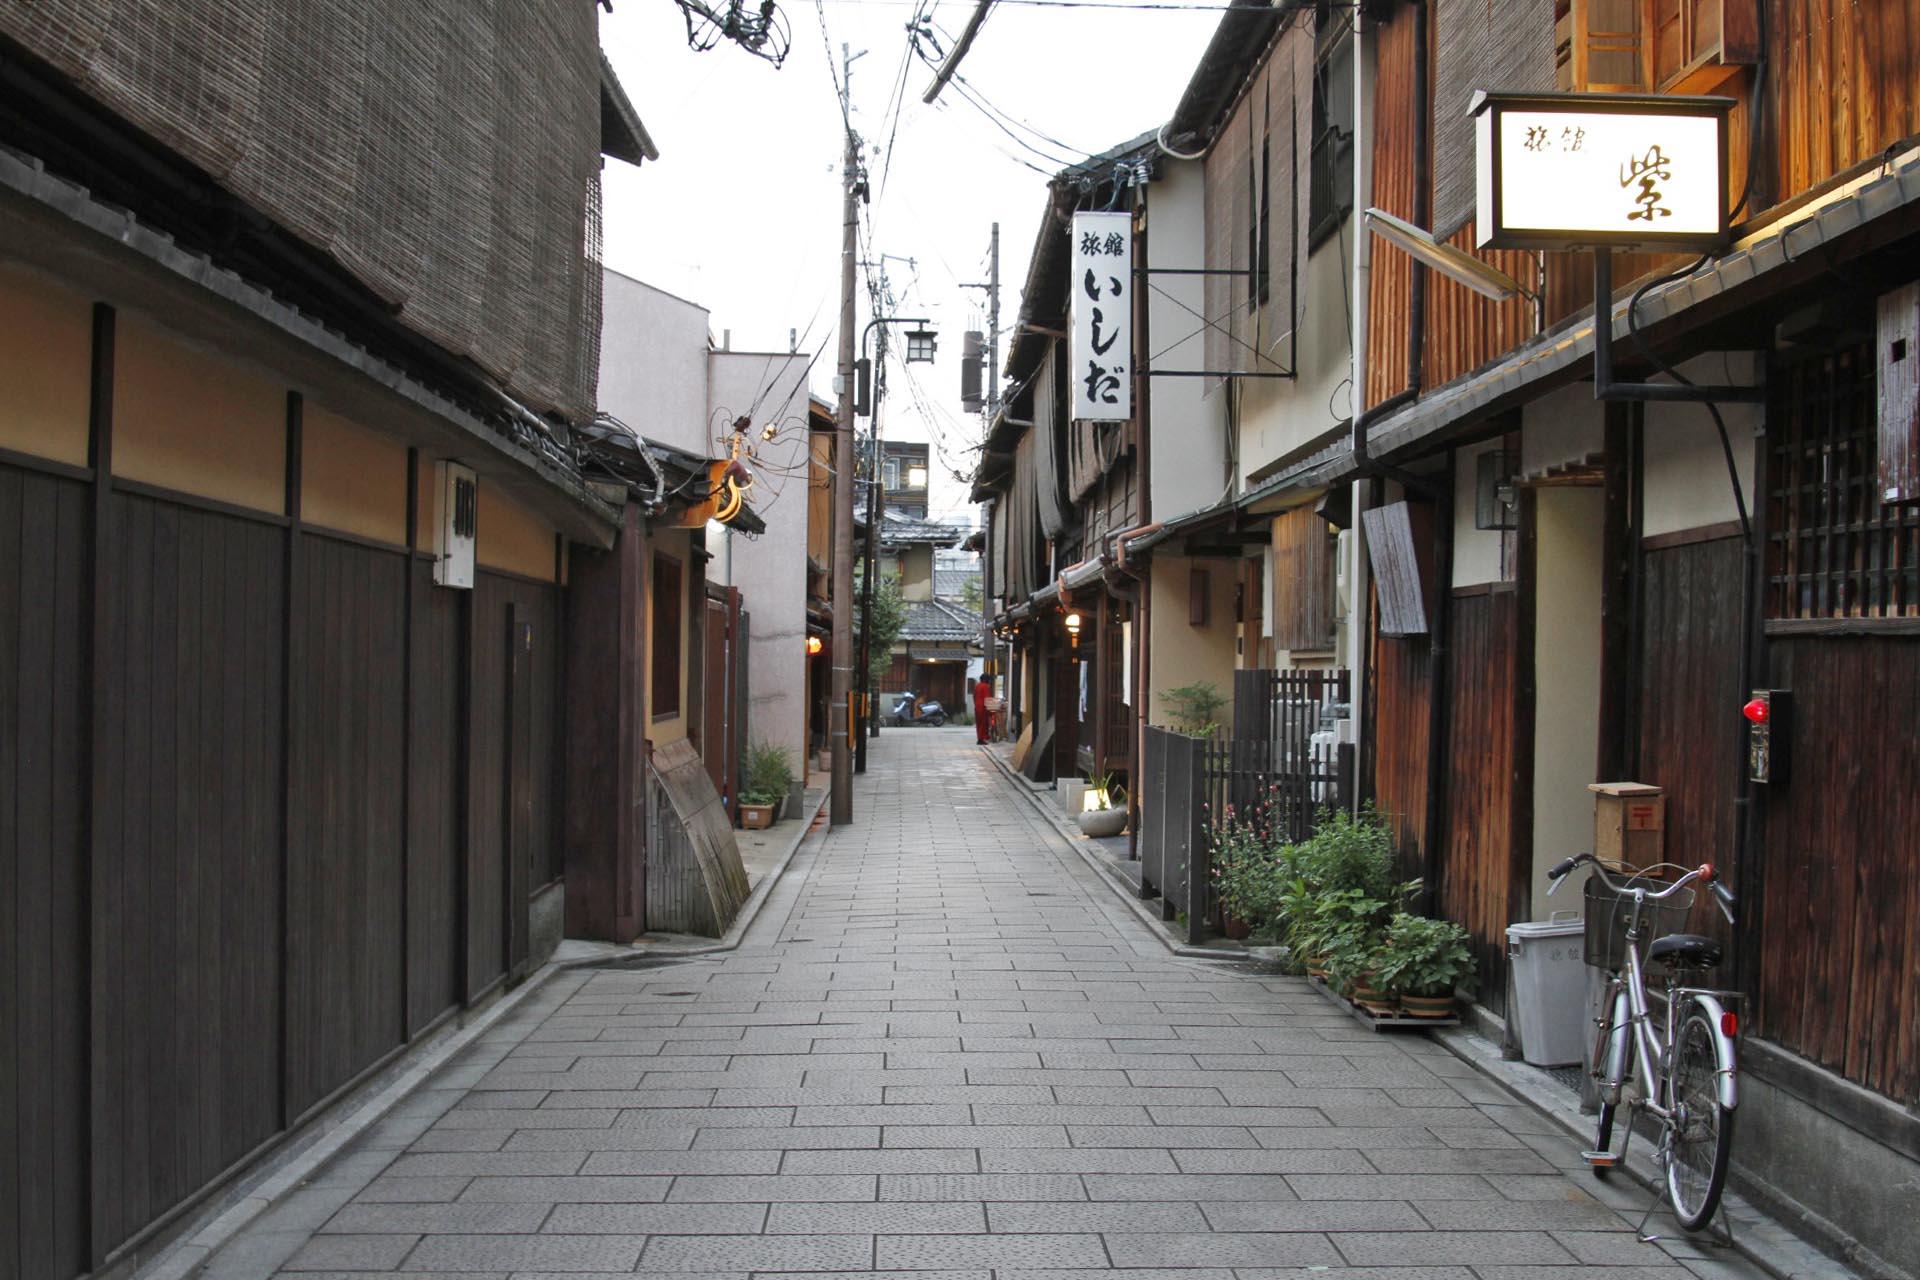 祇園の町並み 京都の風景